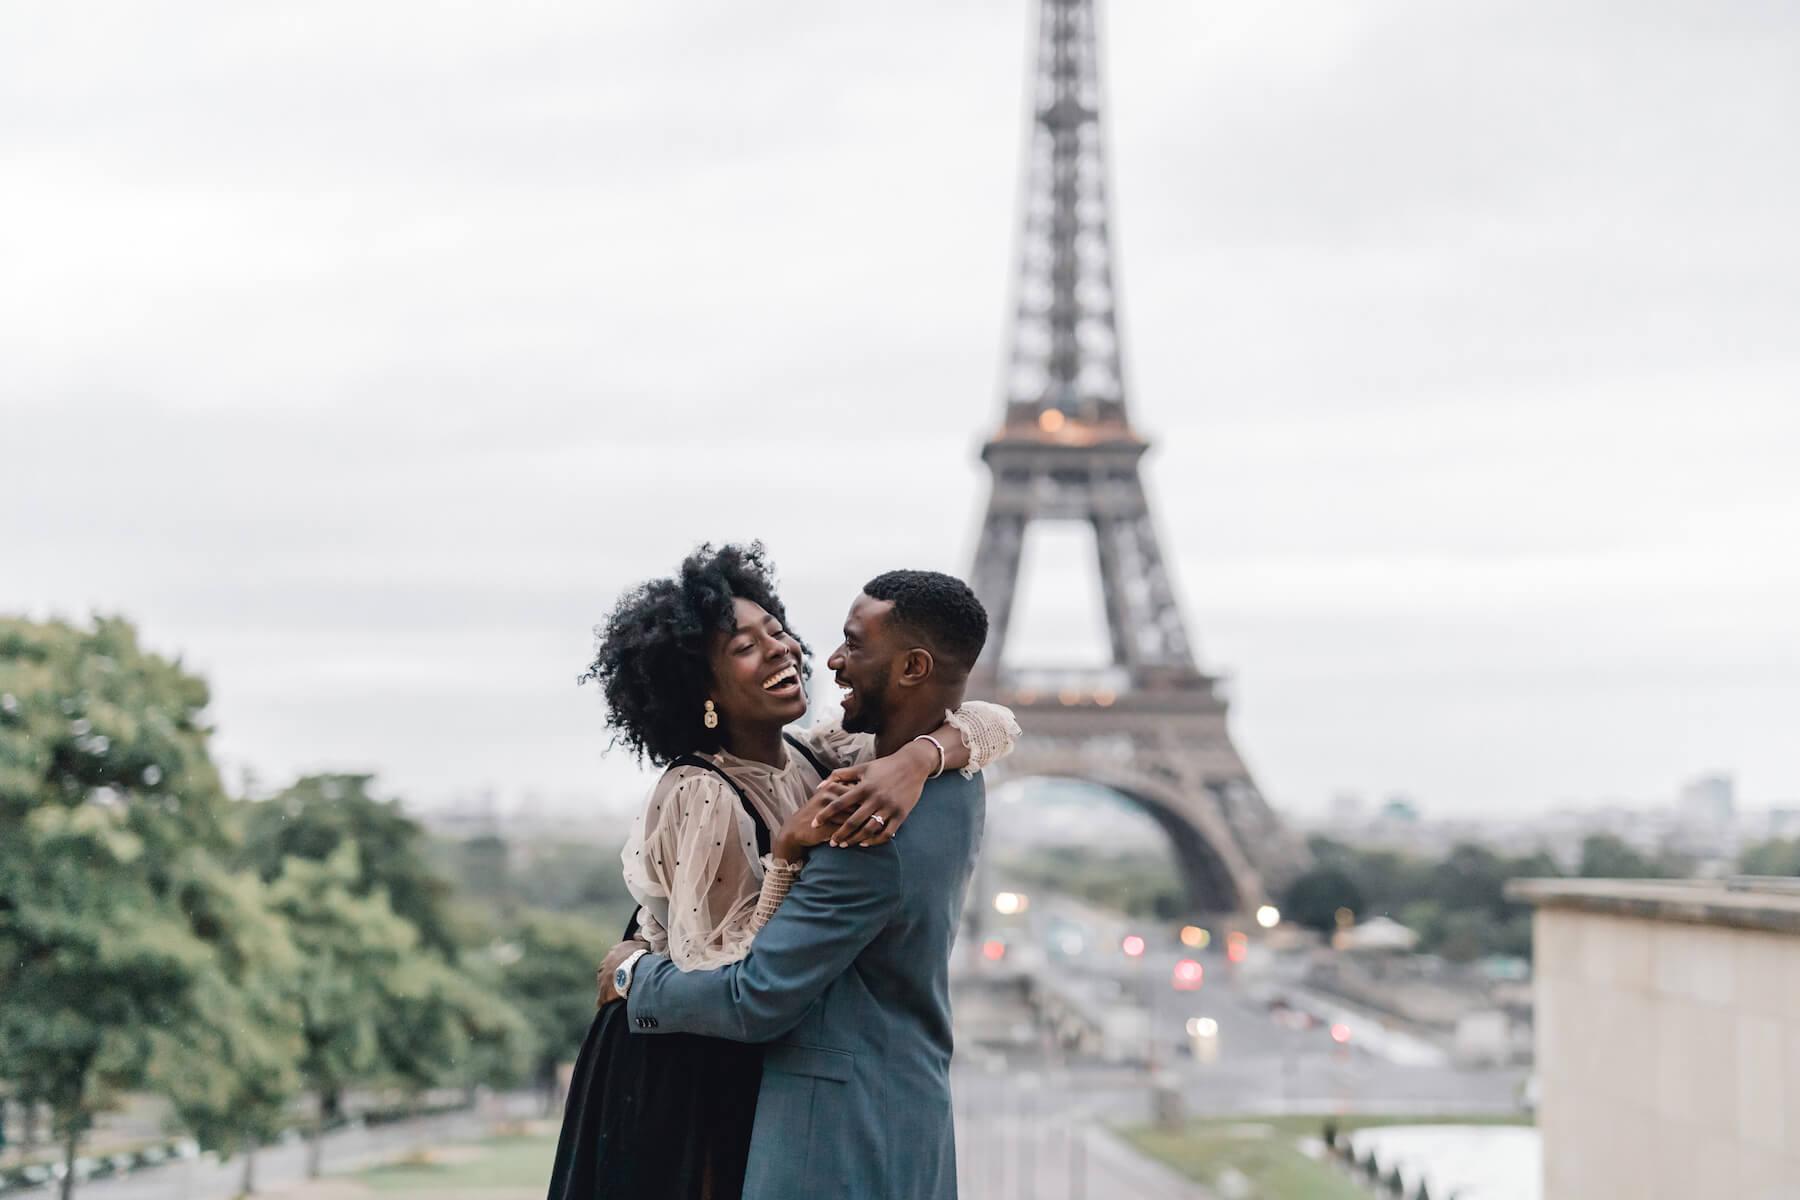 paris-08-17-2019-proposal-113_original